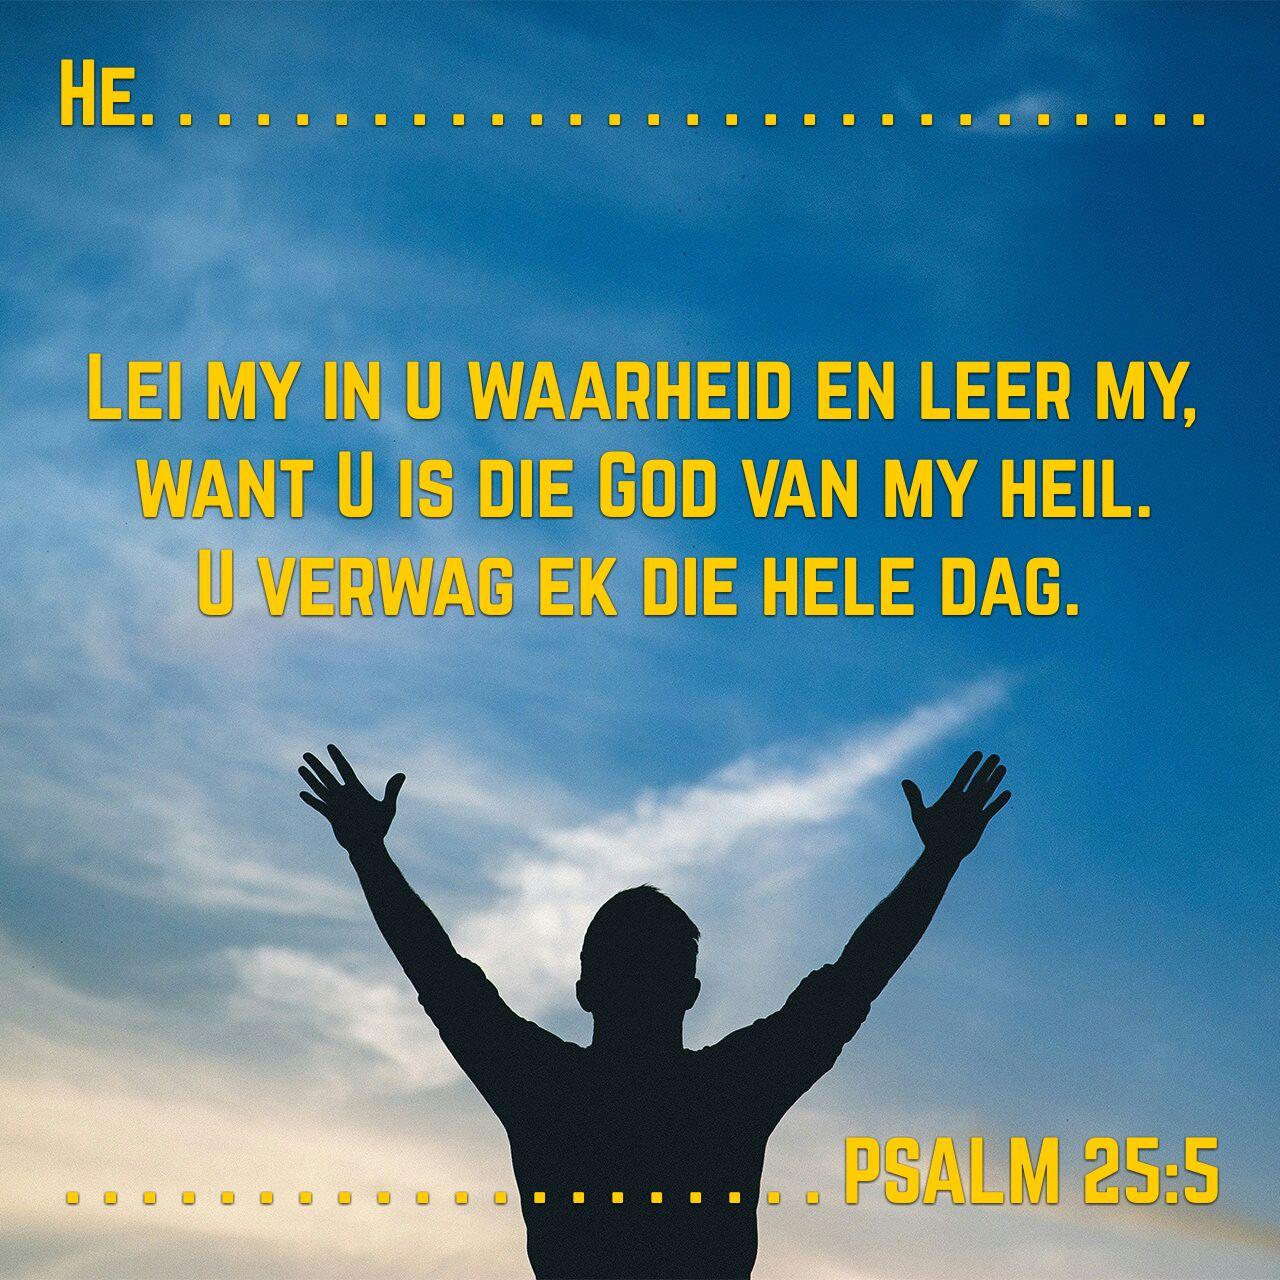 He. Lei my in u waarheid en leer my,  want U is die God van my heil.  U verwag ek die hele dag. Psalm 25:5 #afrikaans #bybelvers